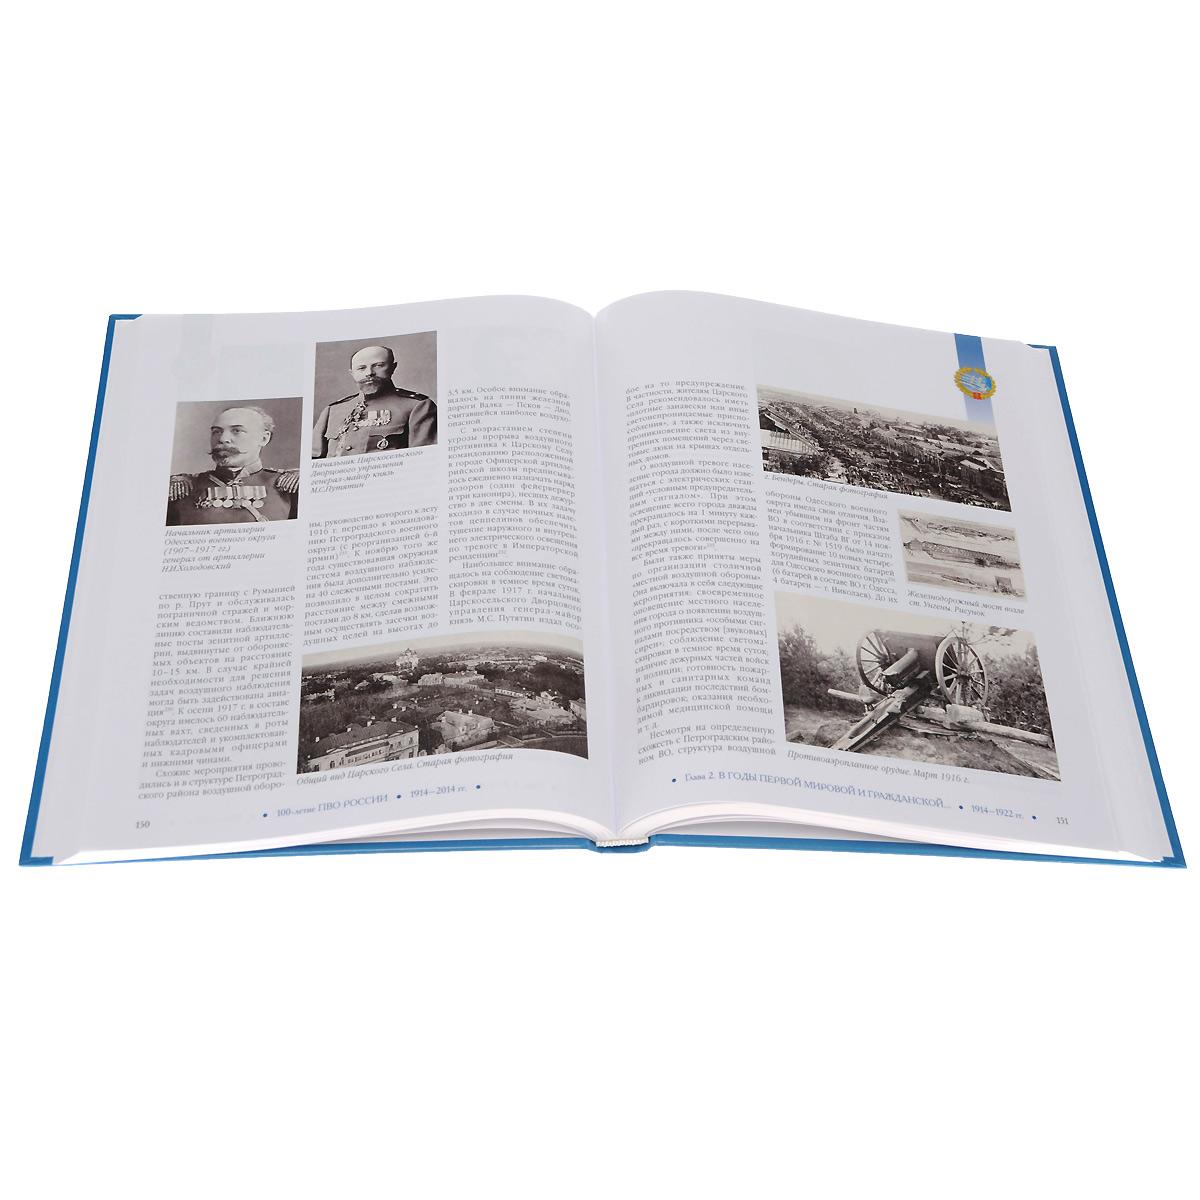 А. Ю. Лашков, В. Л. Голотюк. 100-летие противовоздушной обороны России. 1914-2014. В 2 томах (комплект)